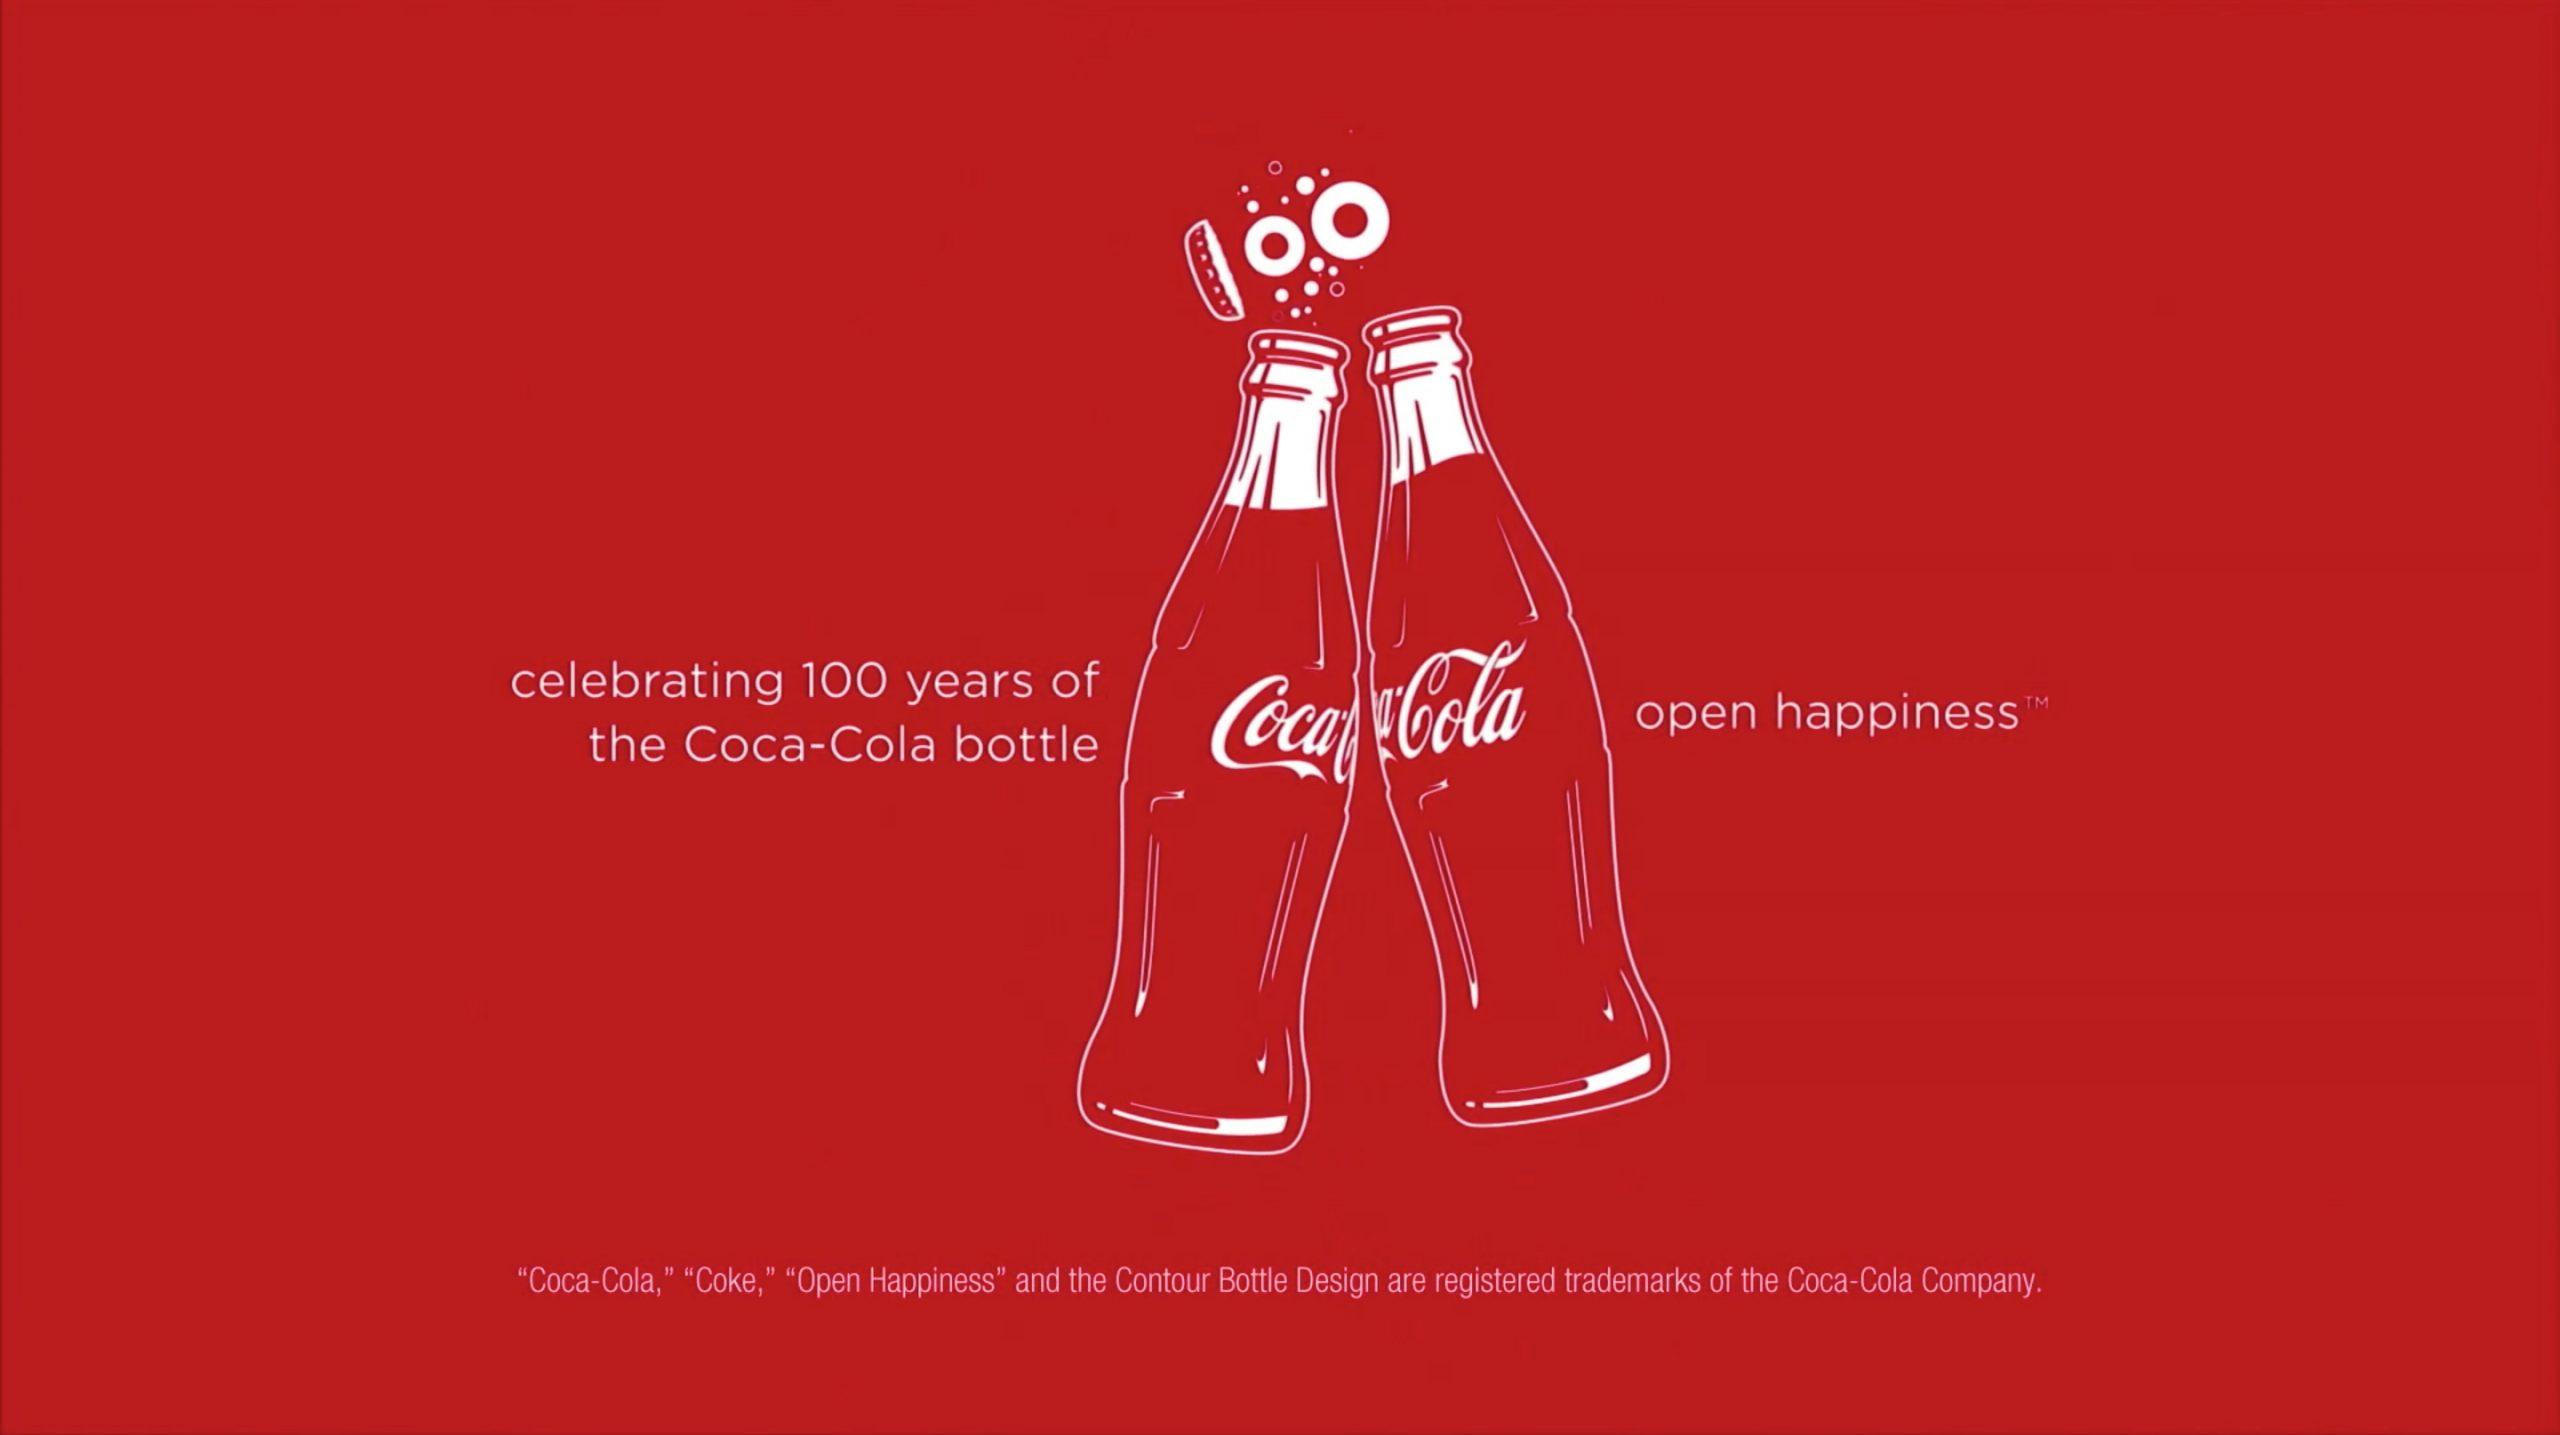 Imagen gráfica para el 100 aniversario de la botella de Coca-Cola